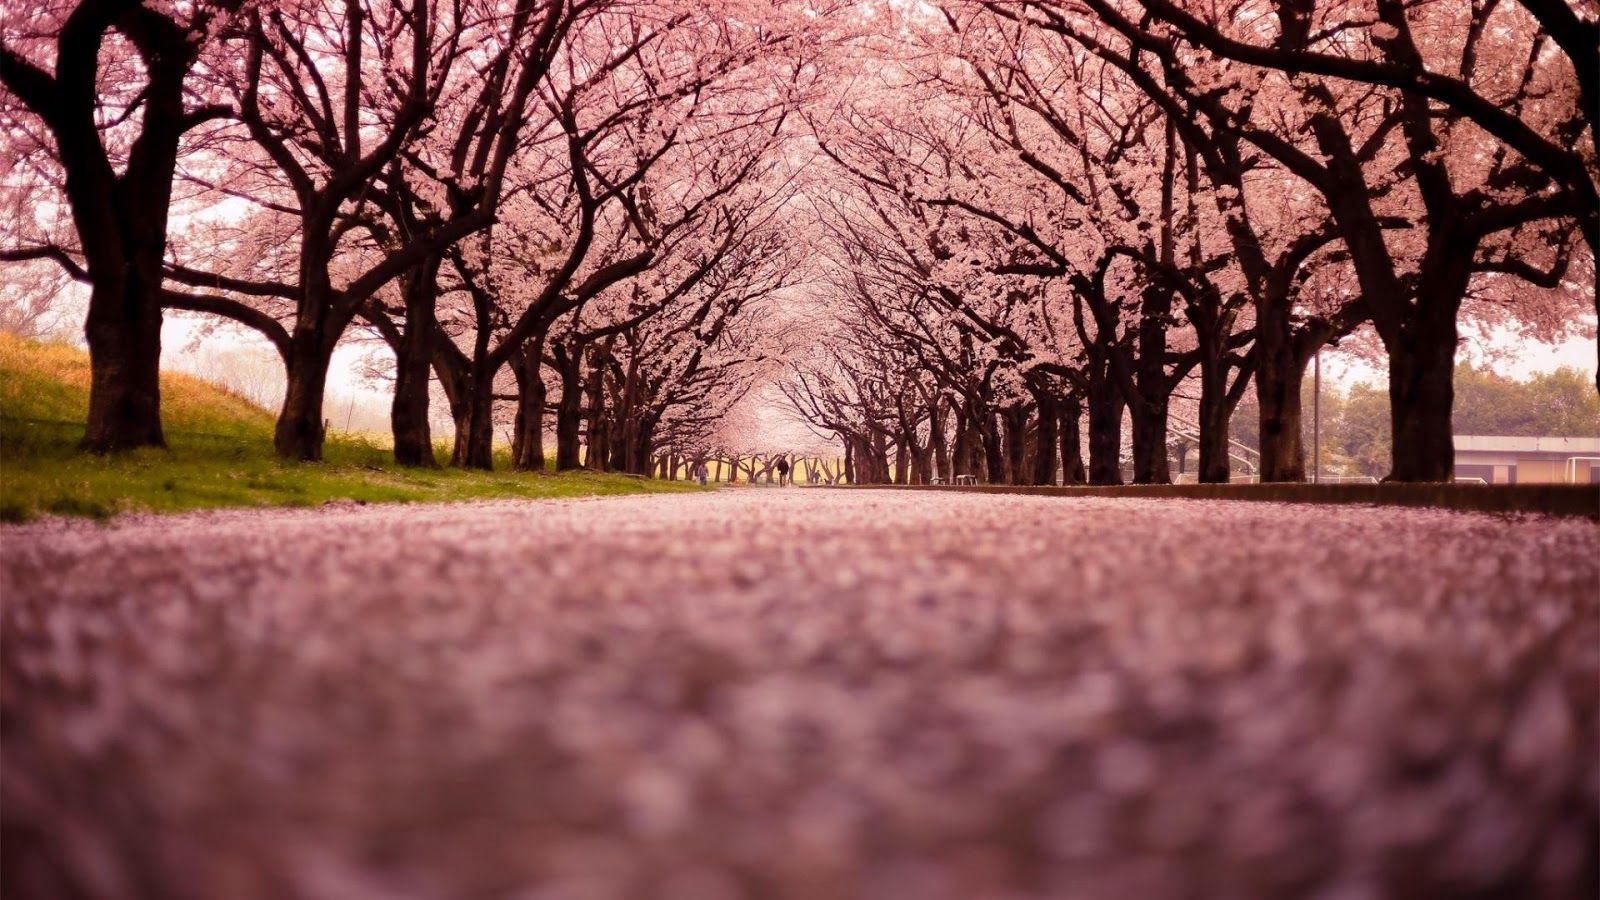 Gambar Bunga Sakura Jepang Indah Cantik Gambar Kata Kata Free